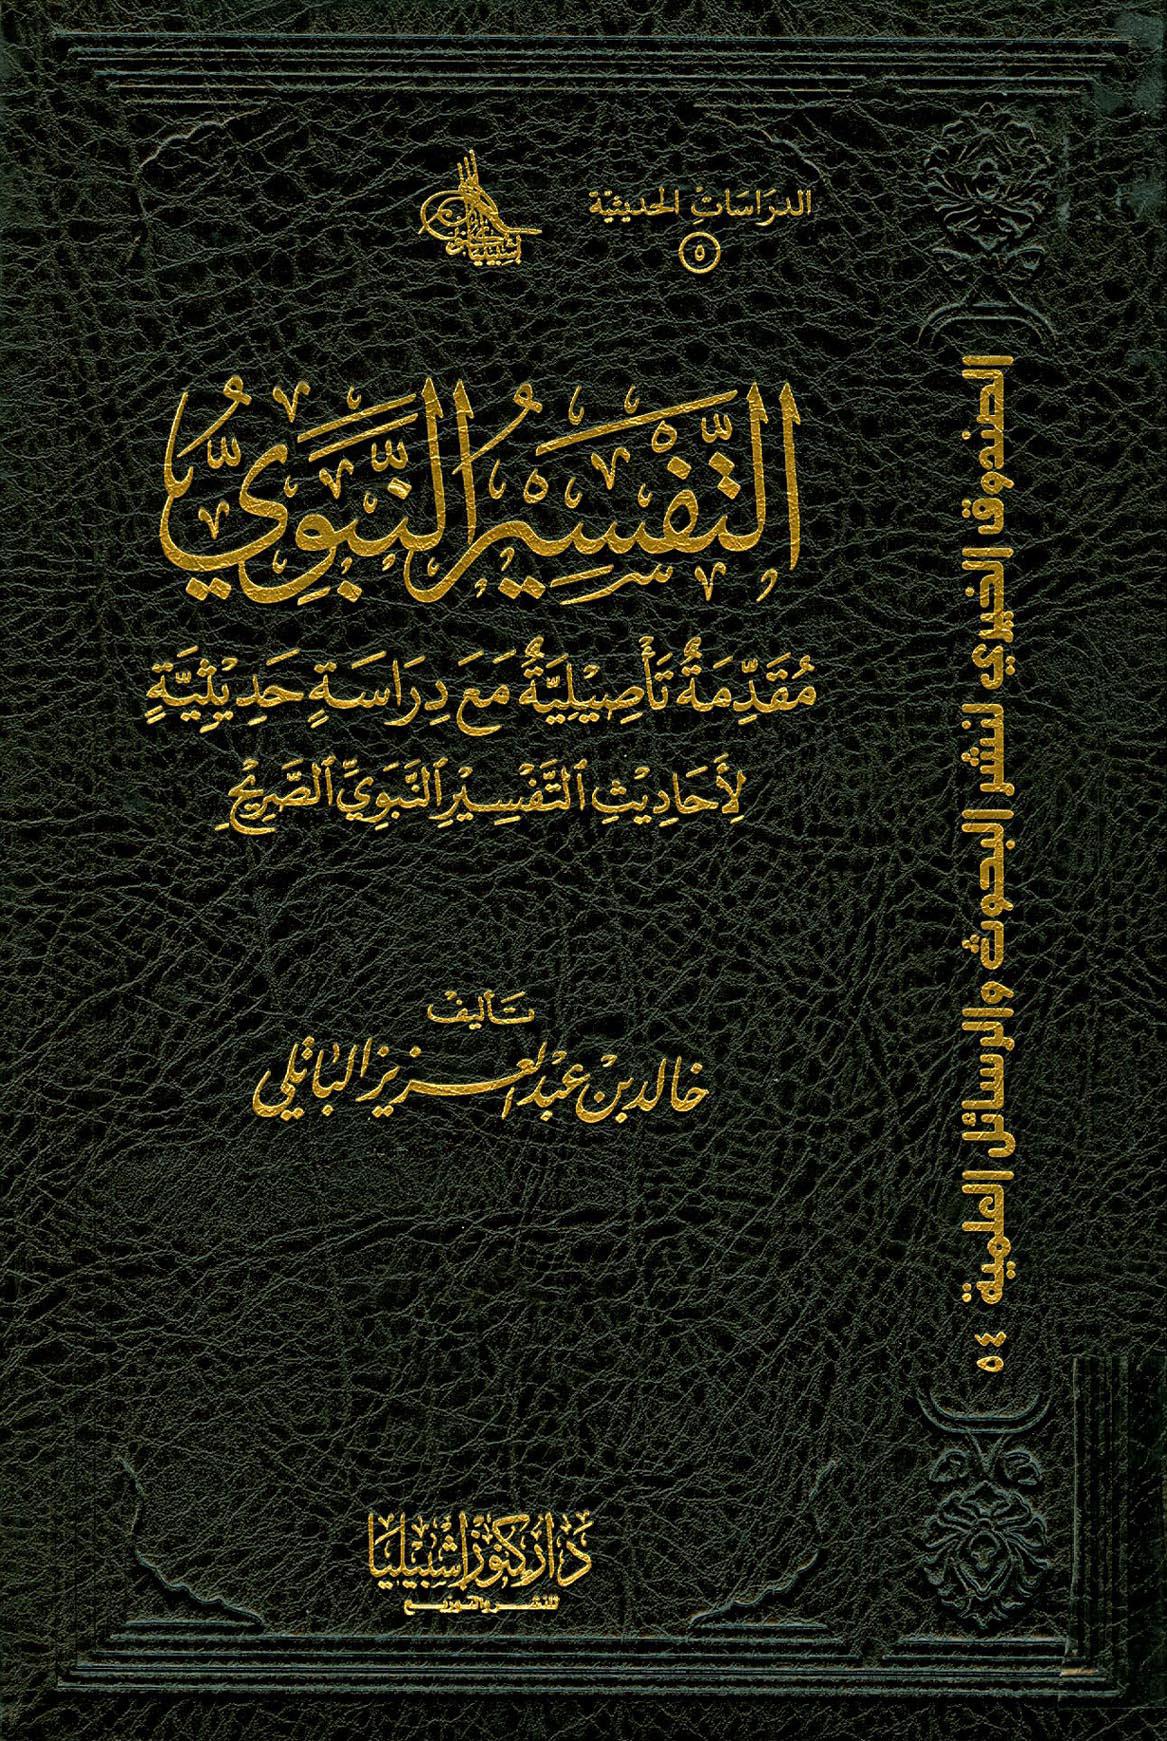 التفسير النبوي - خالد بن عبد العزيز الباتلي